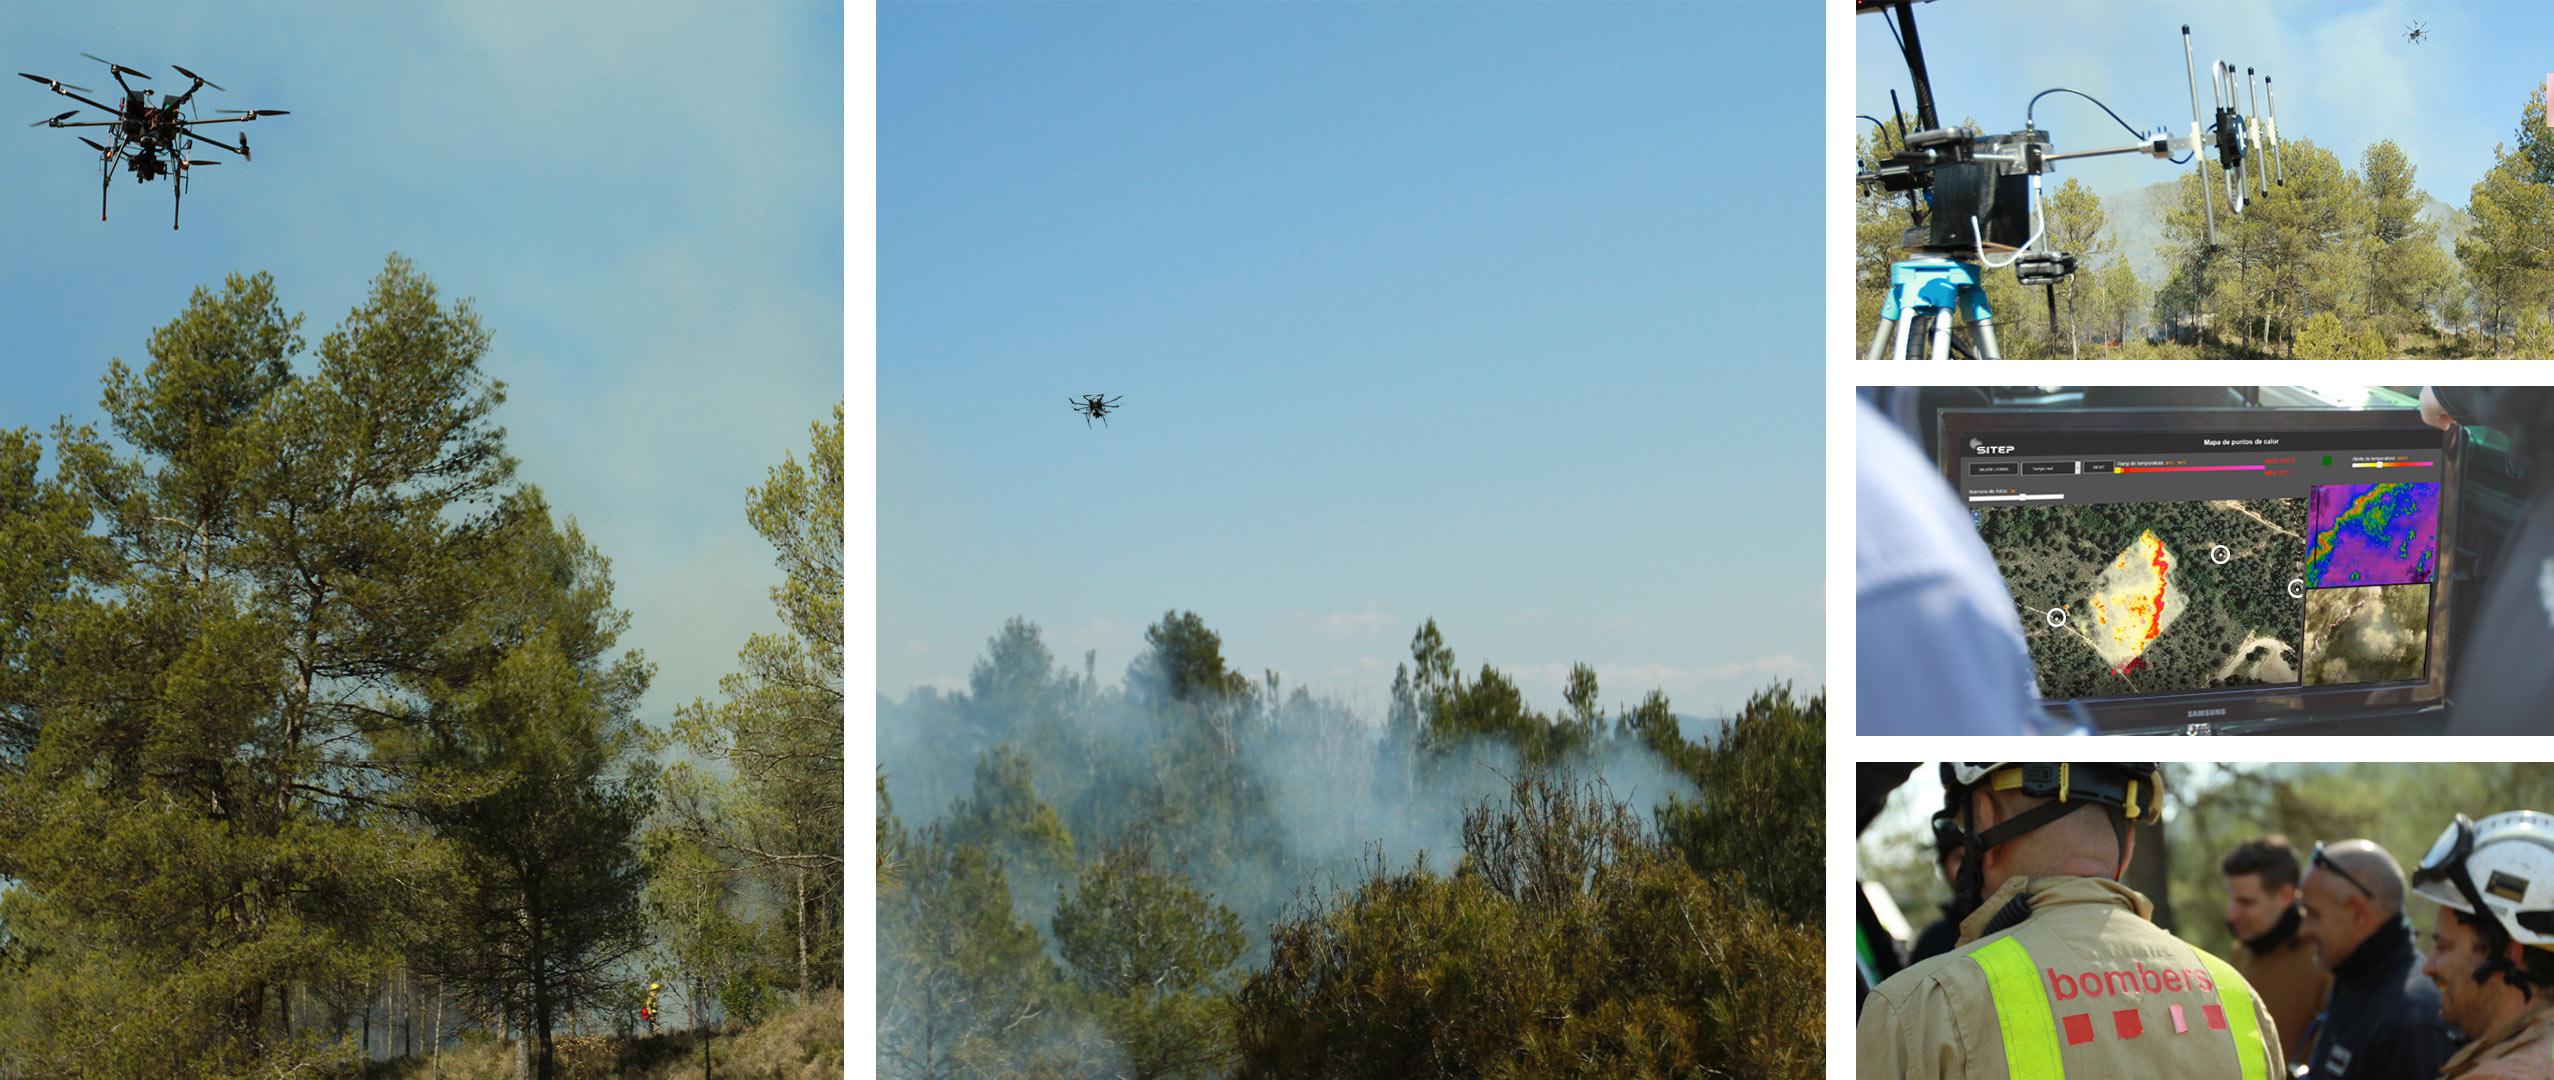 Detección de puntos calientes con dron en incendio